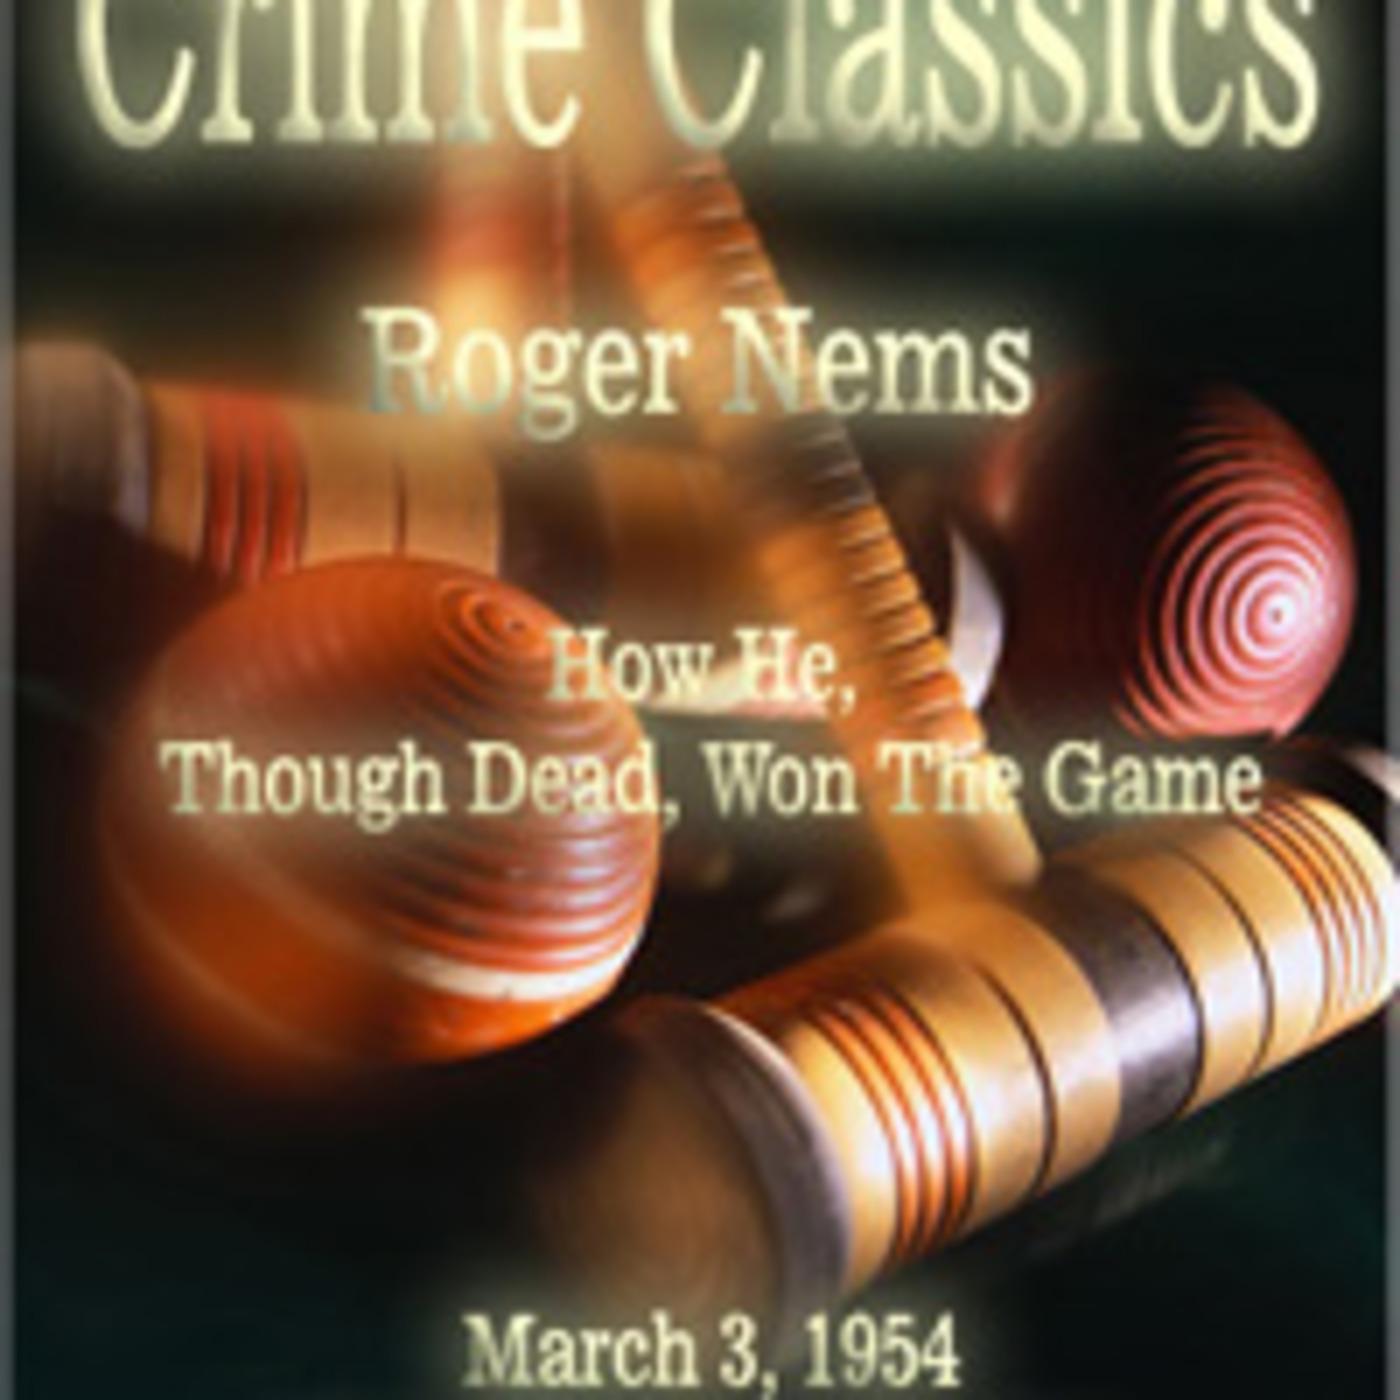 Crime Classics - Roger Nems (03-03-54)